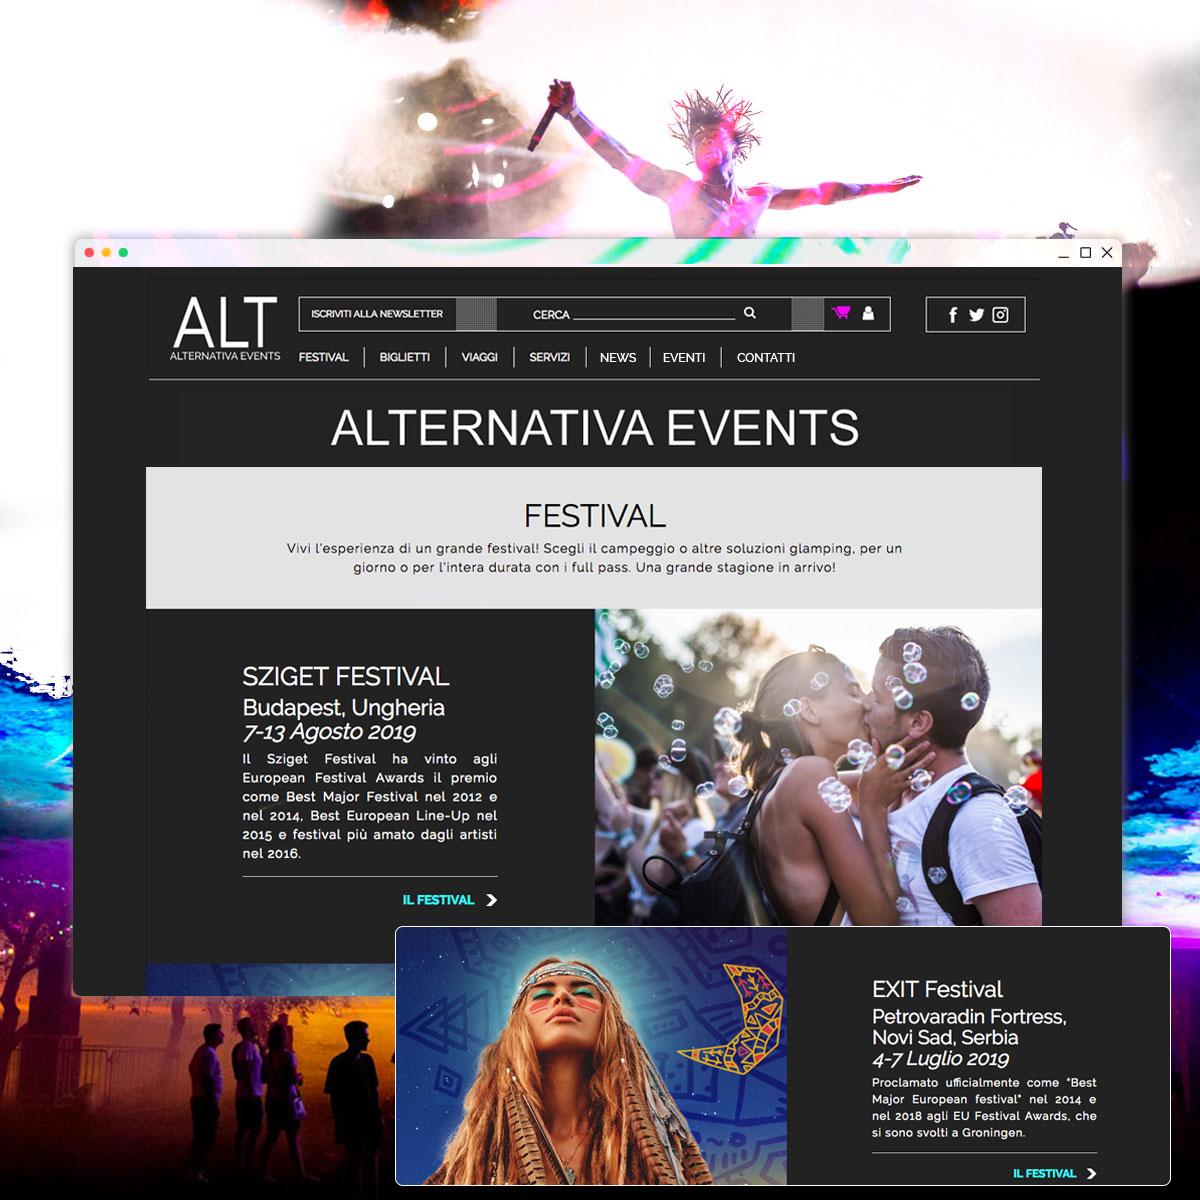 Sito web ALT - Alternativa Events